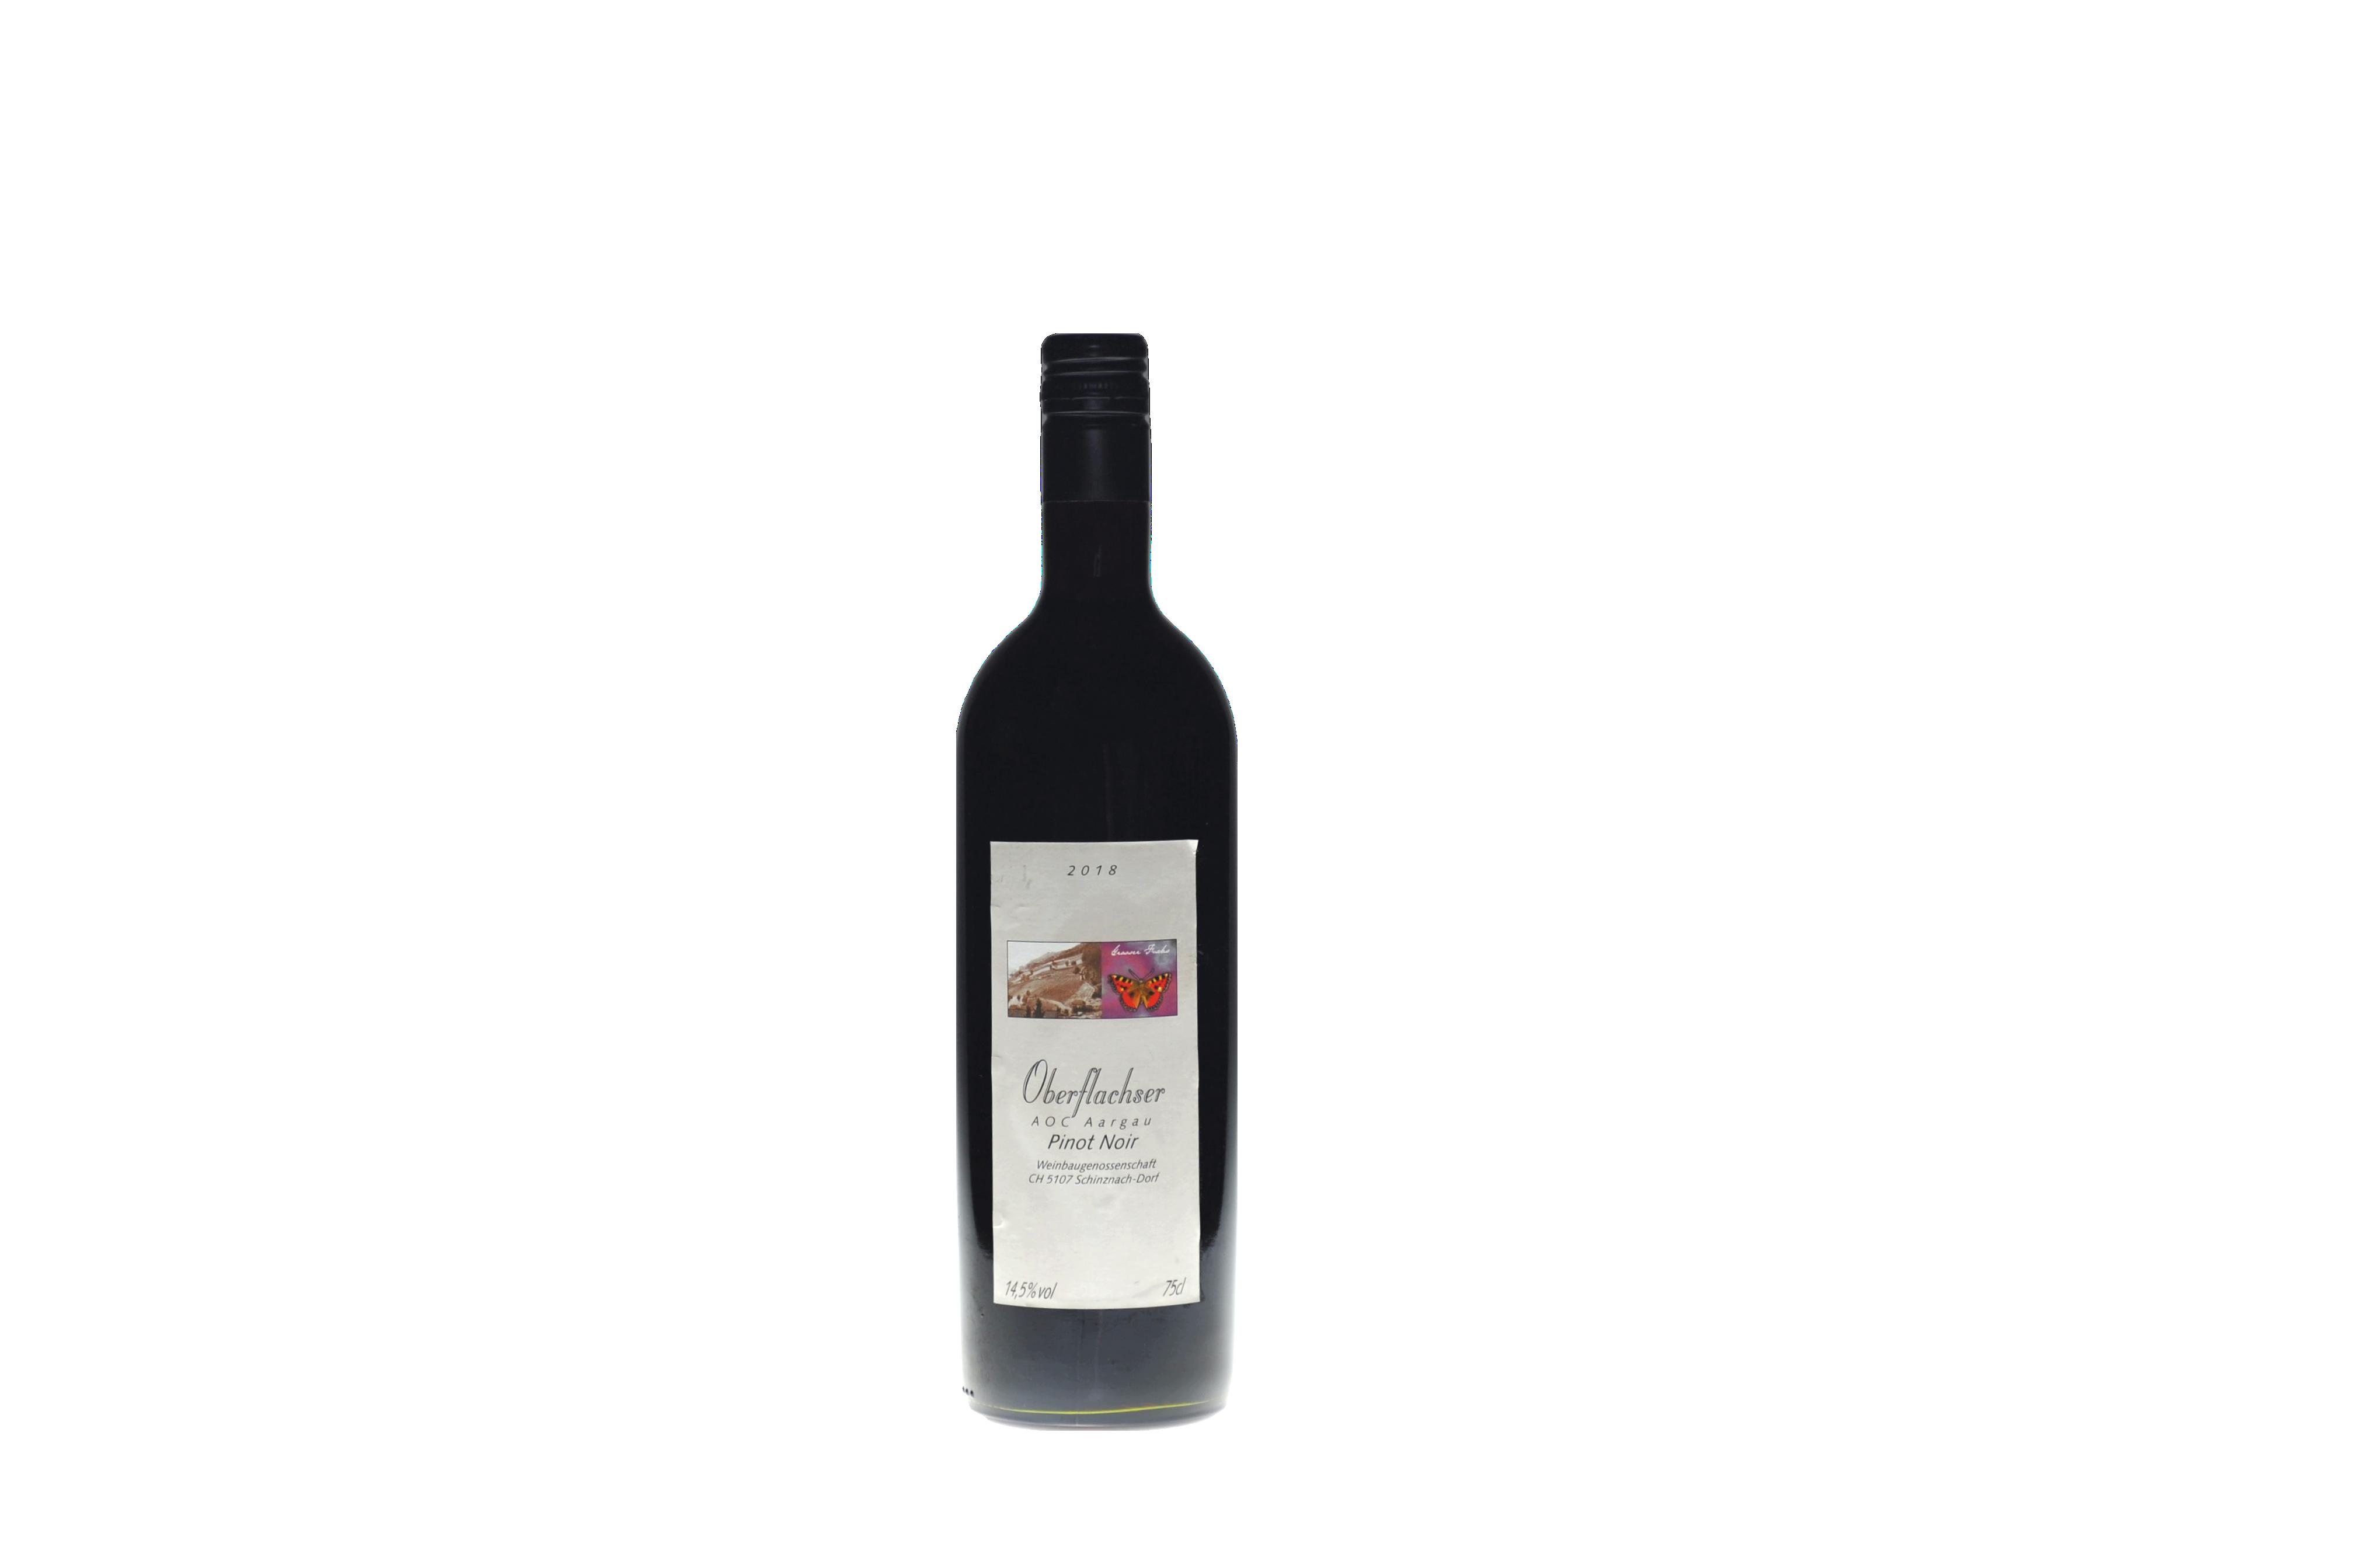 Oberflachser Pinot Noir Winzer-Wy